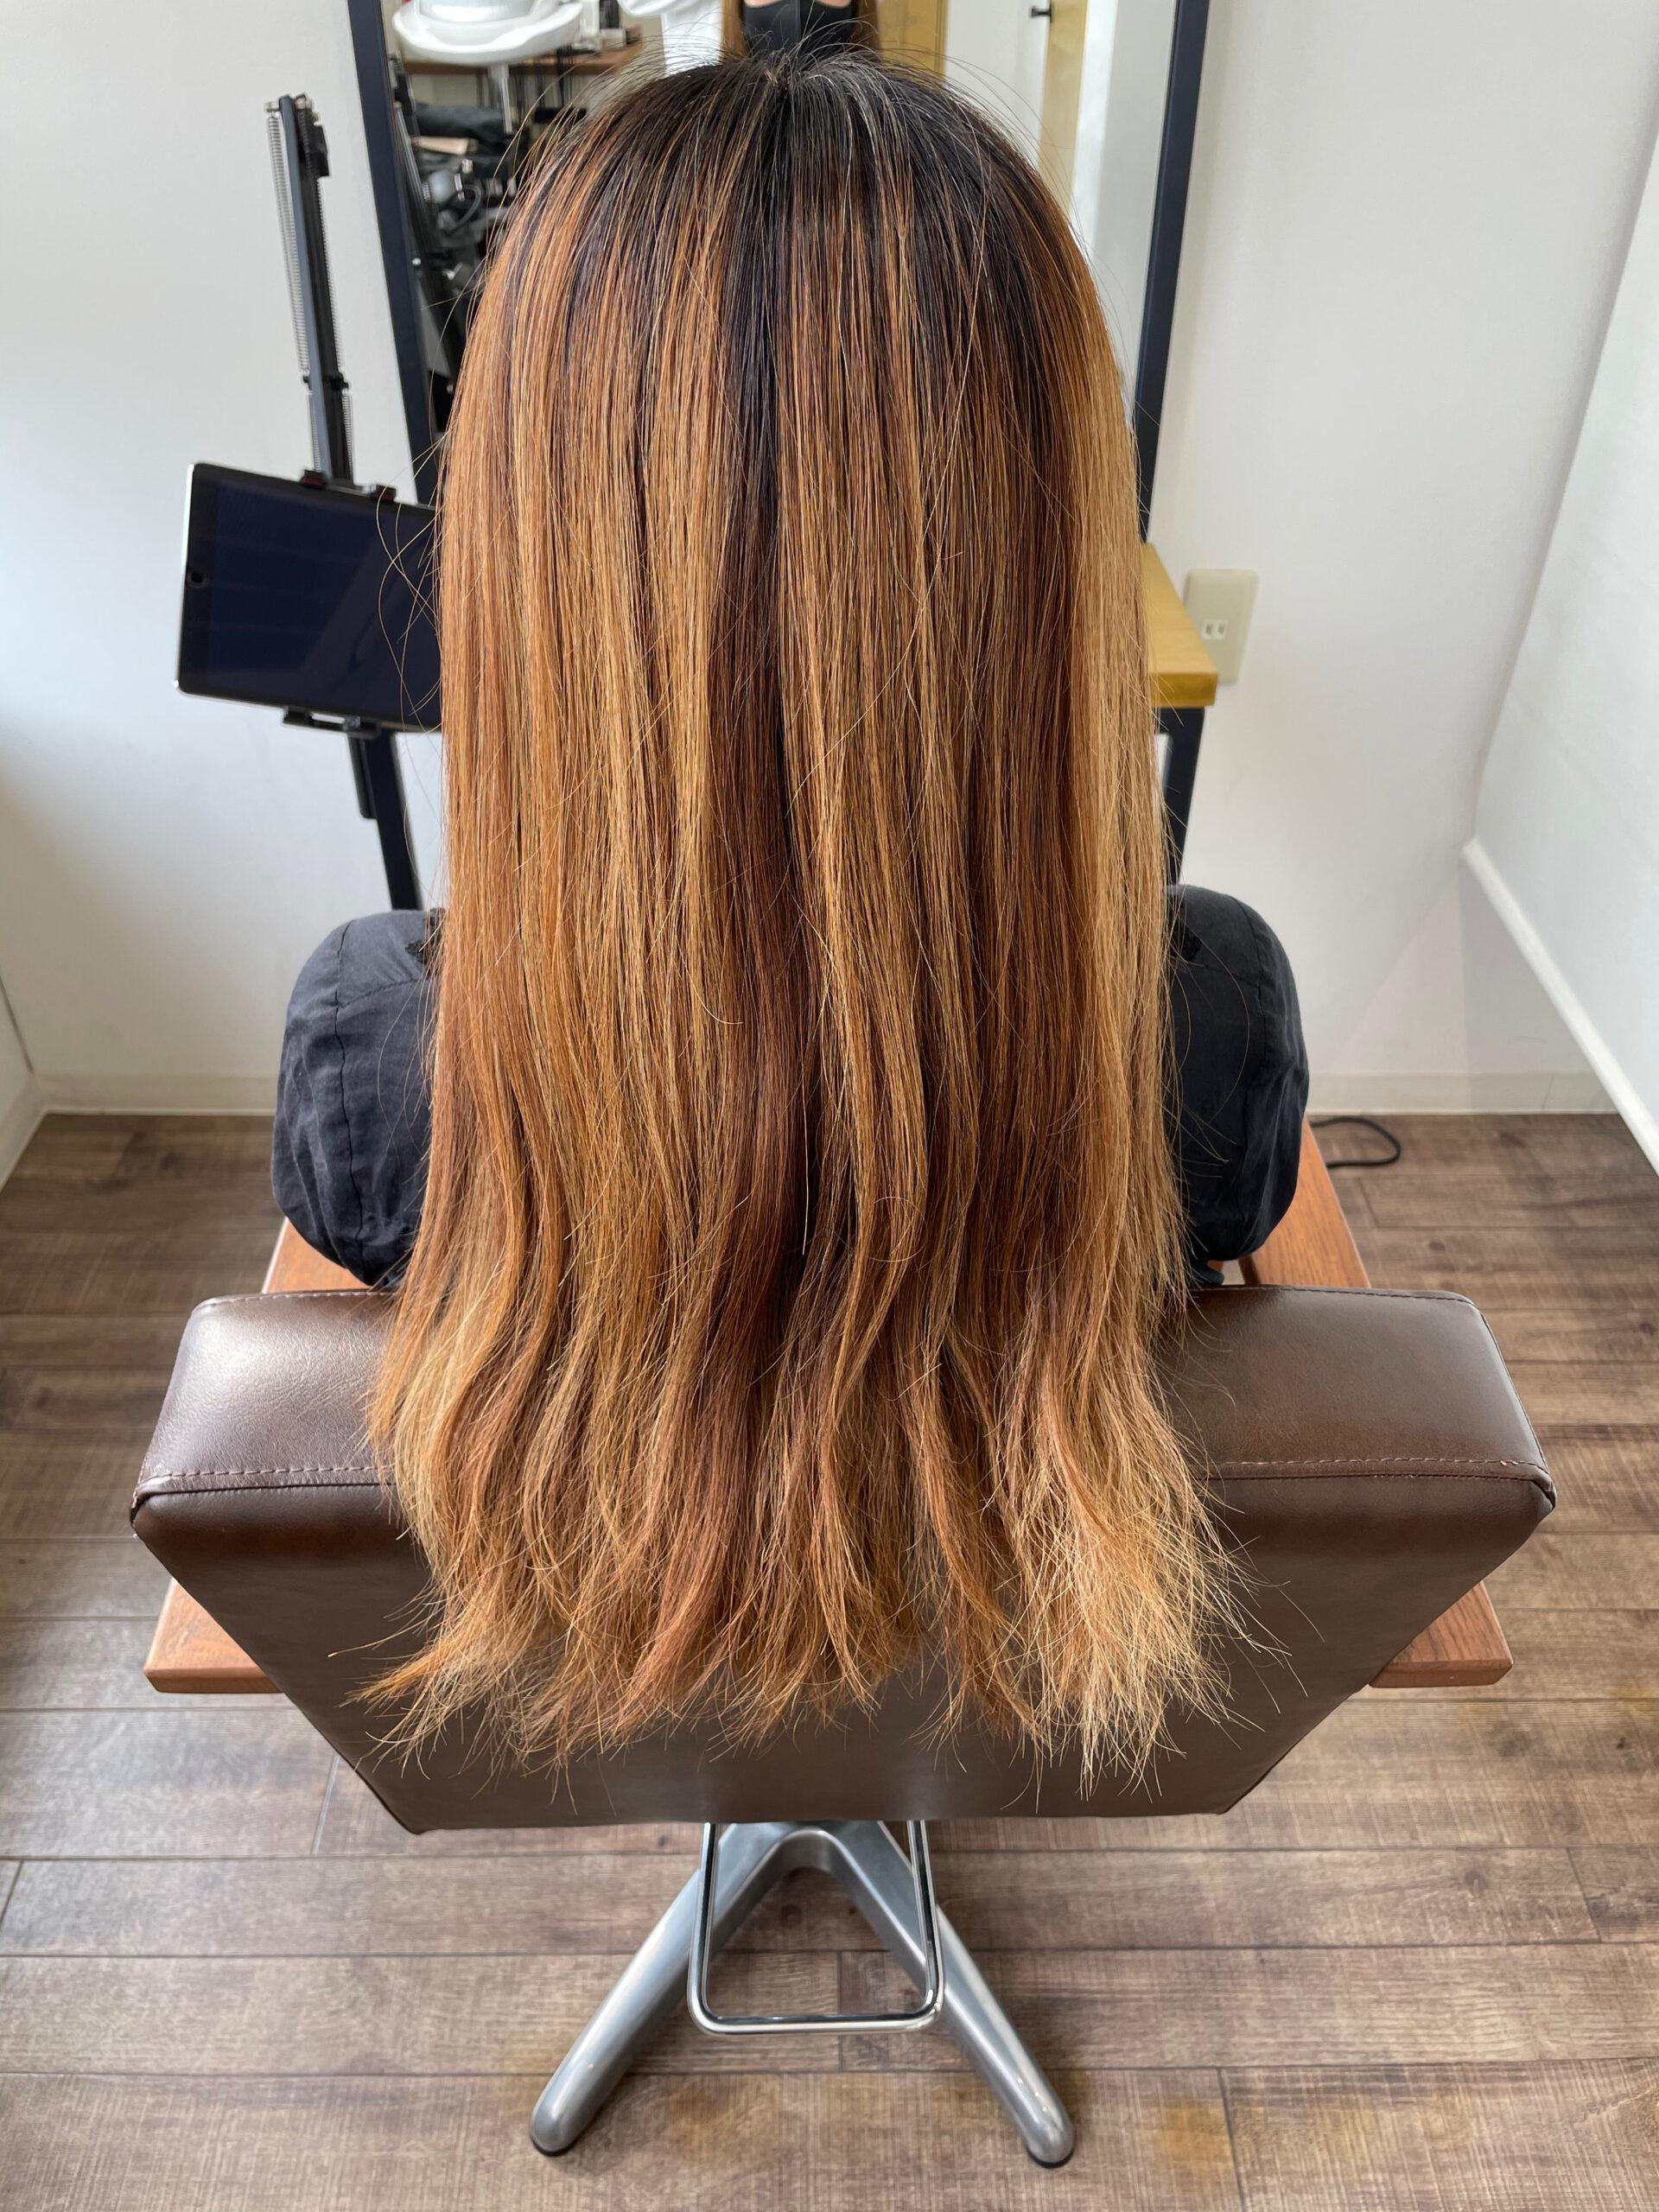 大分県別府市 ブリーチ履歴のある髪の毛を落ち着いたラベンダーベージュのヘアカラーにチェンジ ビフォー